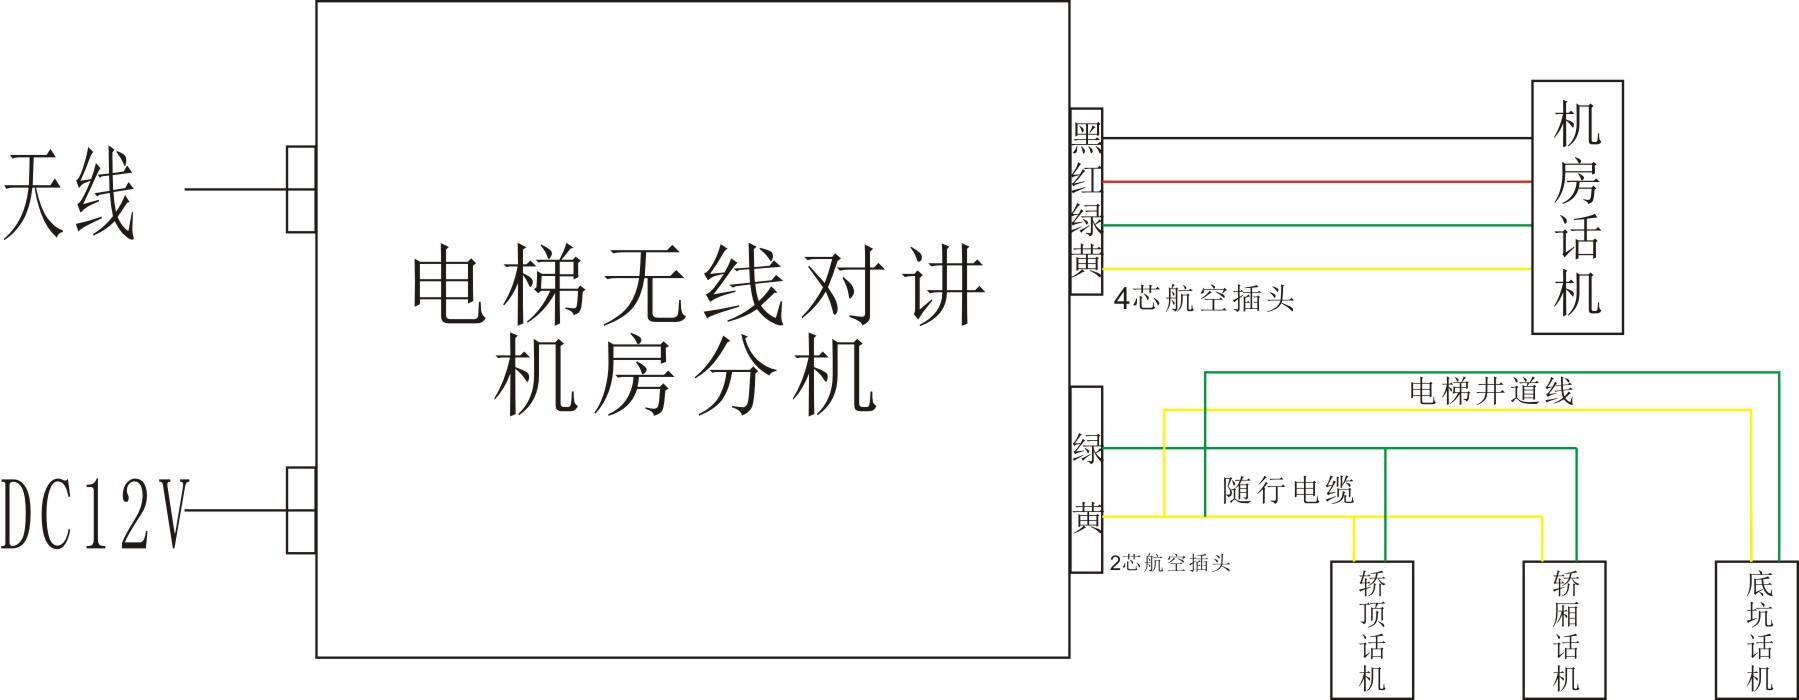 1、只能使用原配或认可的天线。未经认可的天线,经装或增添了附件的天线可能会损坏对讲机或违反信息产业部无线电管理局的规定。   2、在使用时,不要用手去拿天线,更不要拎着天线将对讲机甩来甩去。   3、电梯对讲机天线不能随意拧下,否则在发射时容易把功率管(功放)烧坏。   4、不要使用损坏的天线。否则,在发射时,损坏的天线接触皮肤,可能会引起轻微的灼伤。   5、电梯对讲机长期使用后,按健、控制旋钮和机壳很容易变脏,请从对讲机上取下控制旋钮,并用中性洗剂和湿布清洁机壳。使用诸如除污剂、酒精、喷雾剂或石